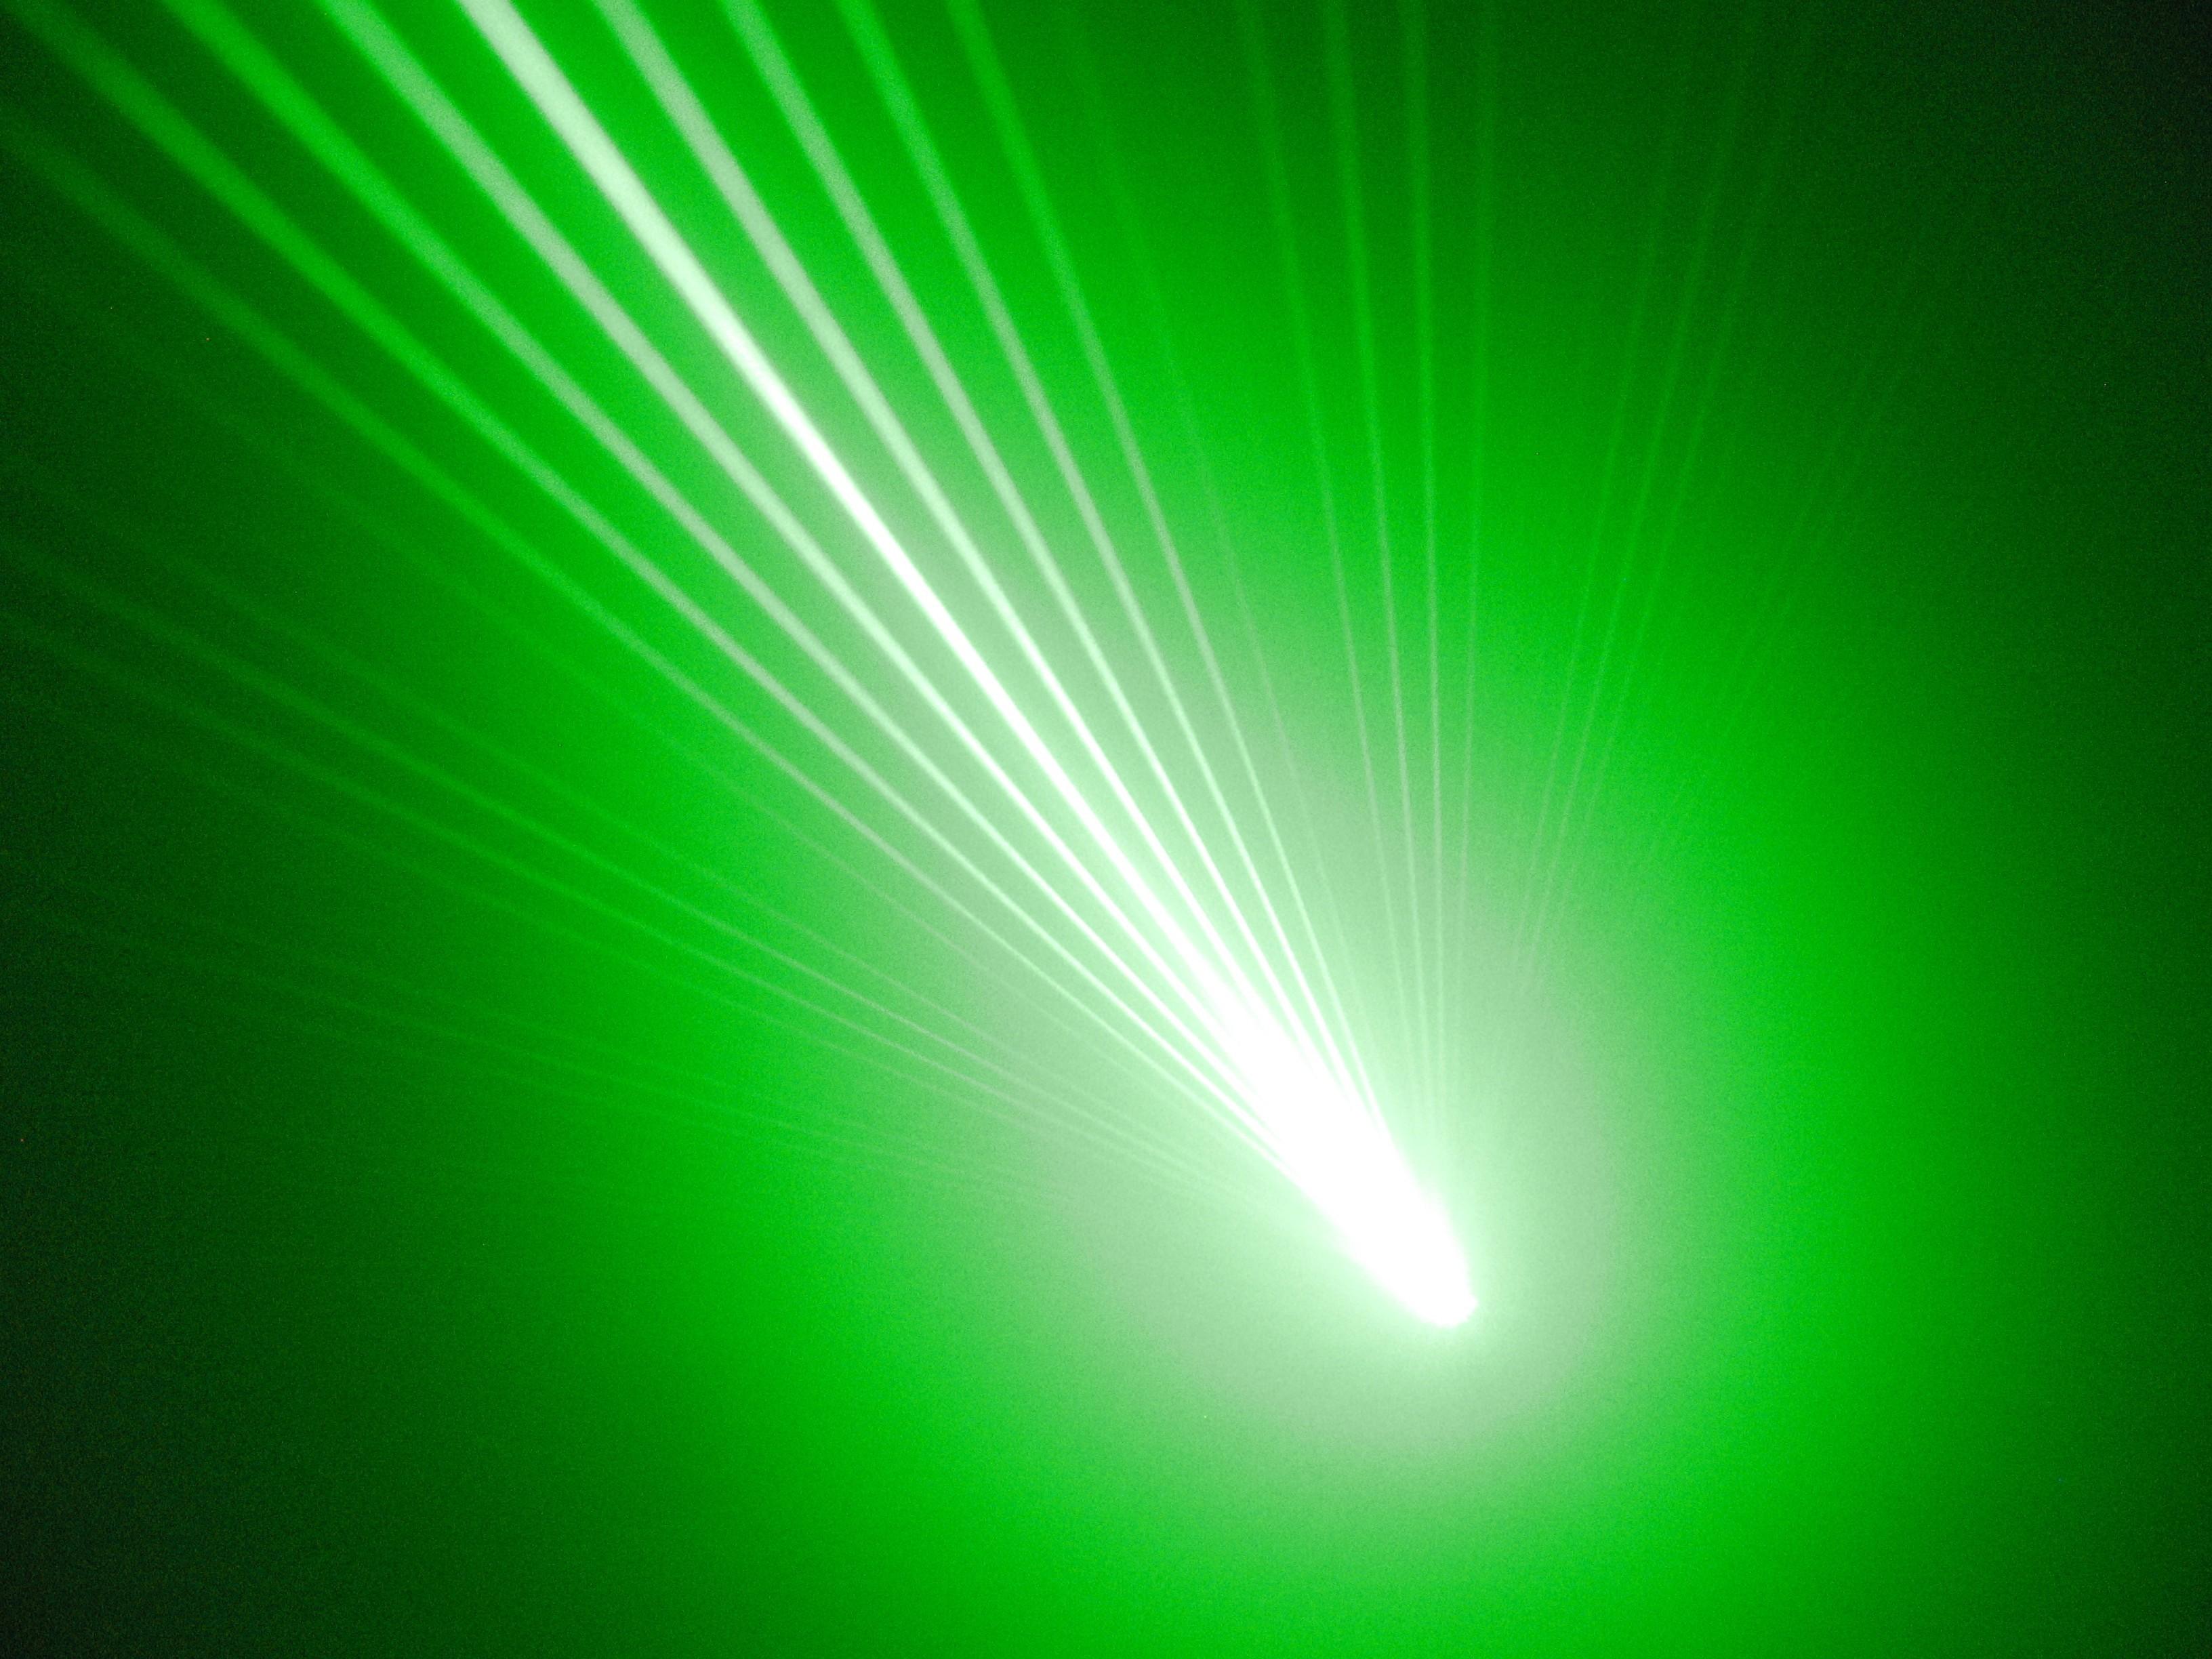 Velocidad de particulas para fusion..hay algo raro!!! - Página 4 Wuyj